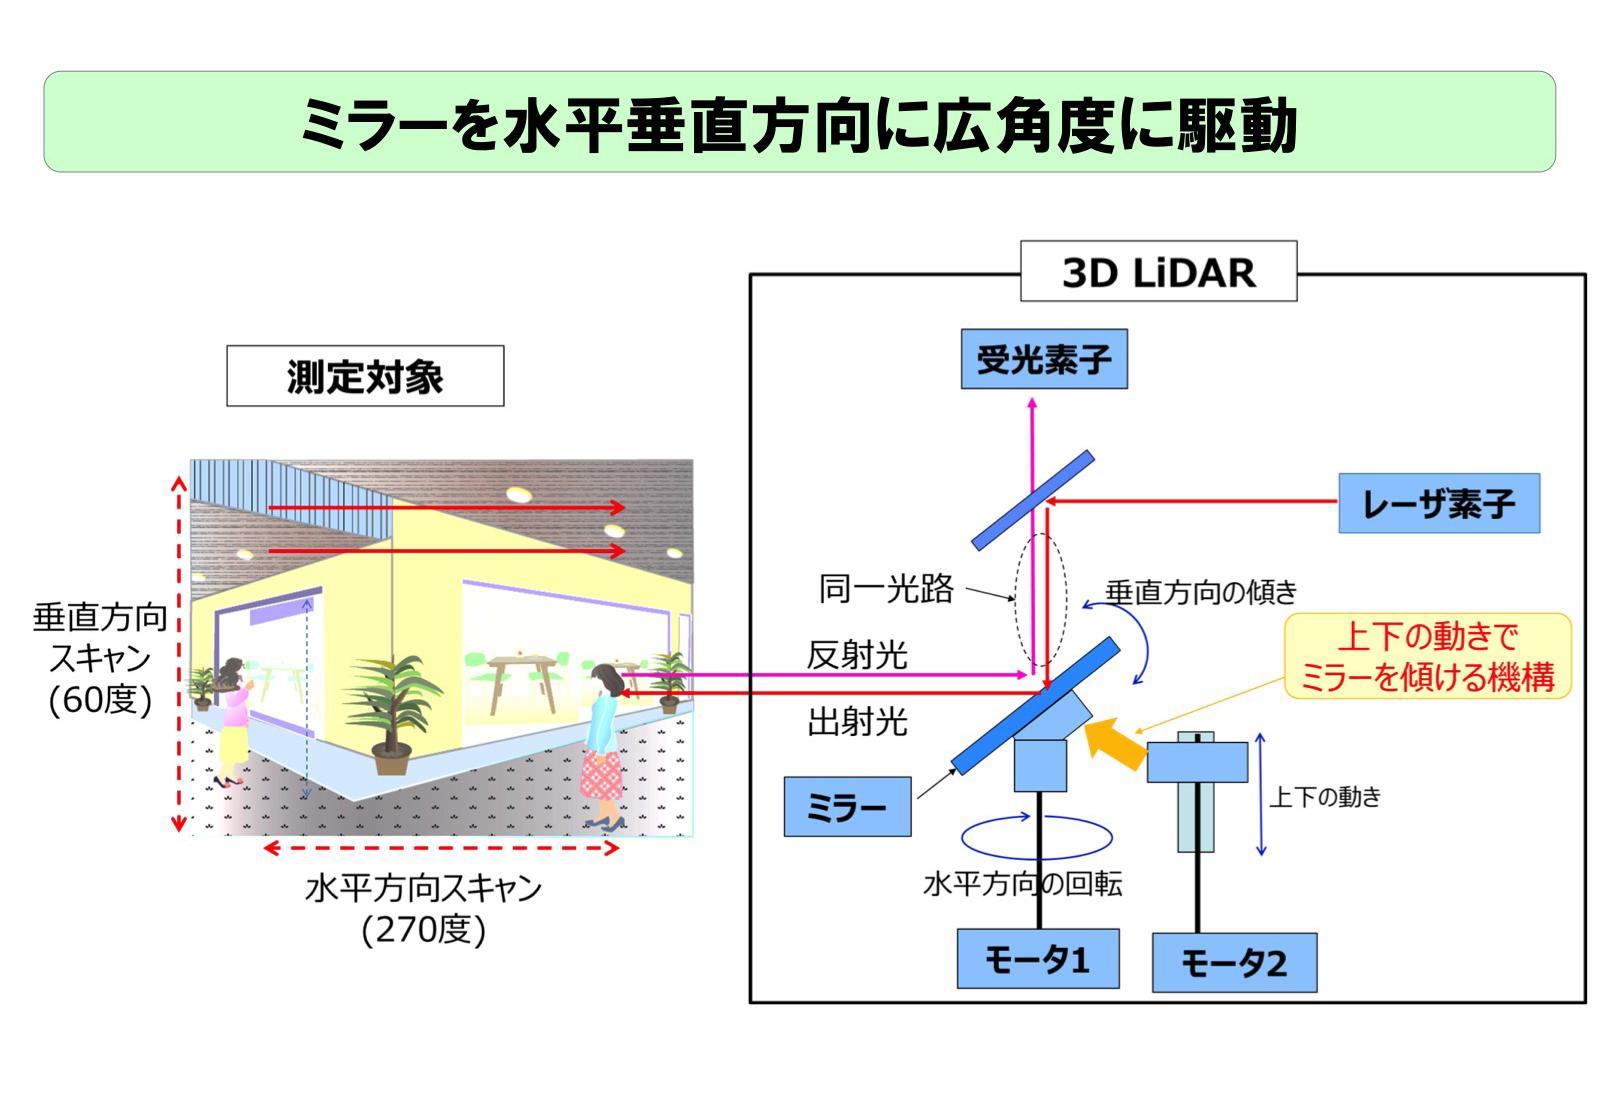 3D LiDAR独自のレーザースキャン方式